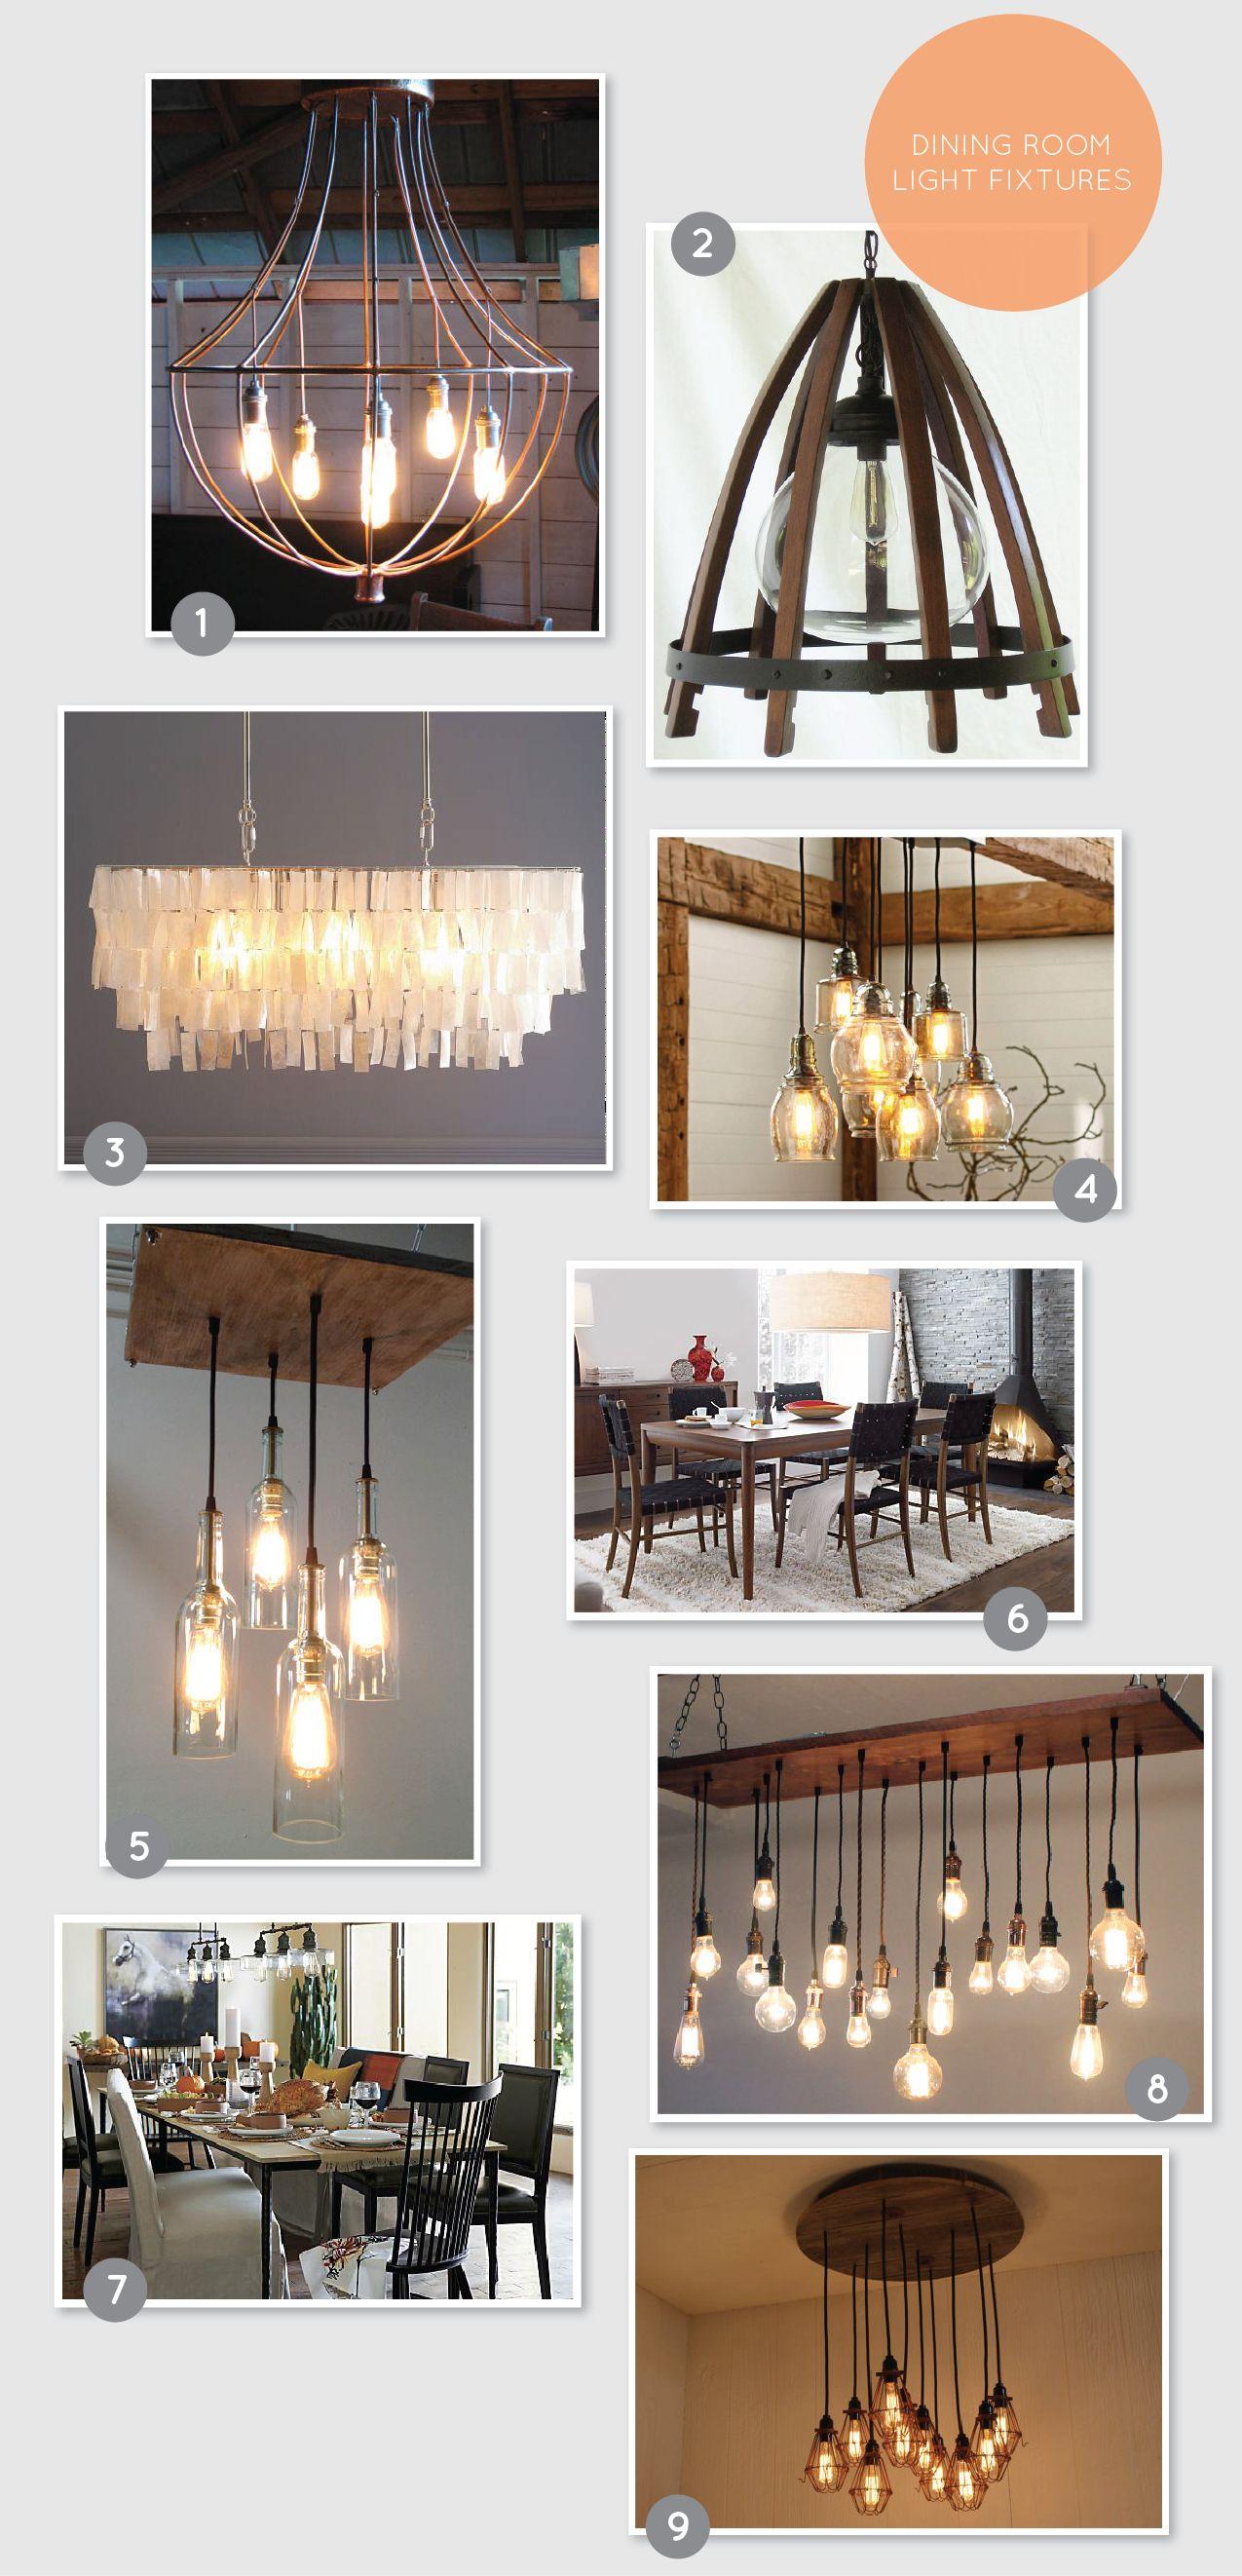 Rustikale esszimmerbeleuchtung ideen friday crush  dining room light fixtures  light me up  pinterest